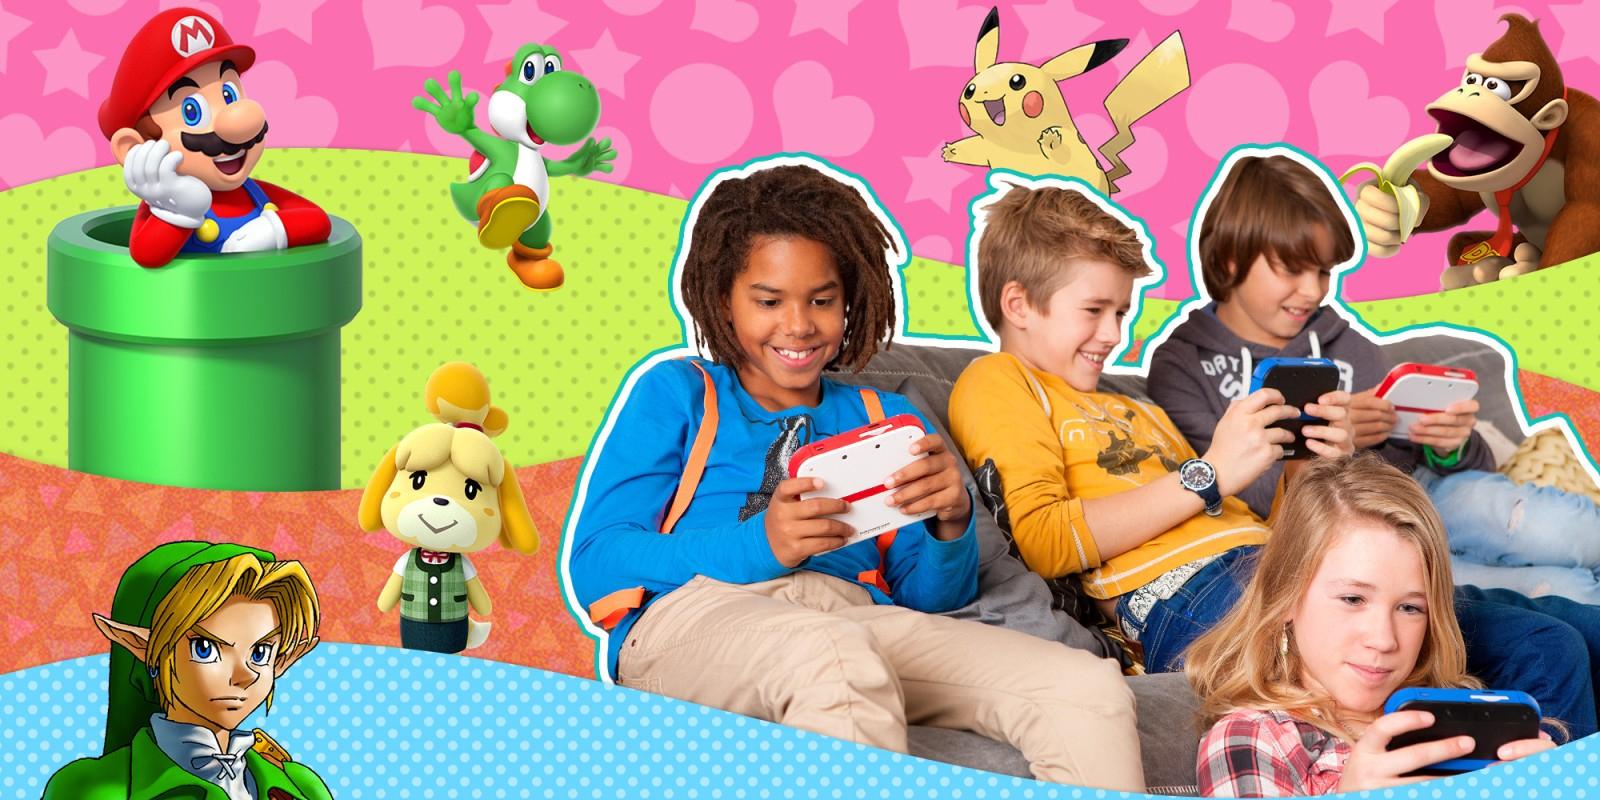 Jeux Nintendo Pour Les Enfants | Nintendo dedans Jeux Gratuits Pour Enfants De 3 Ans